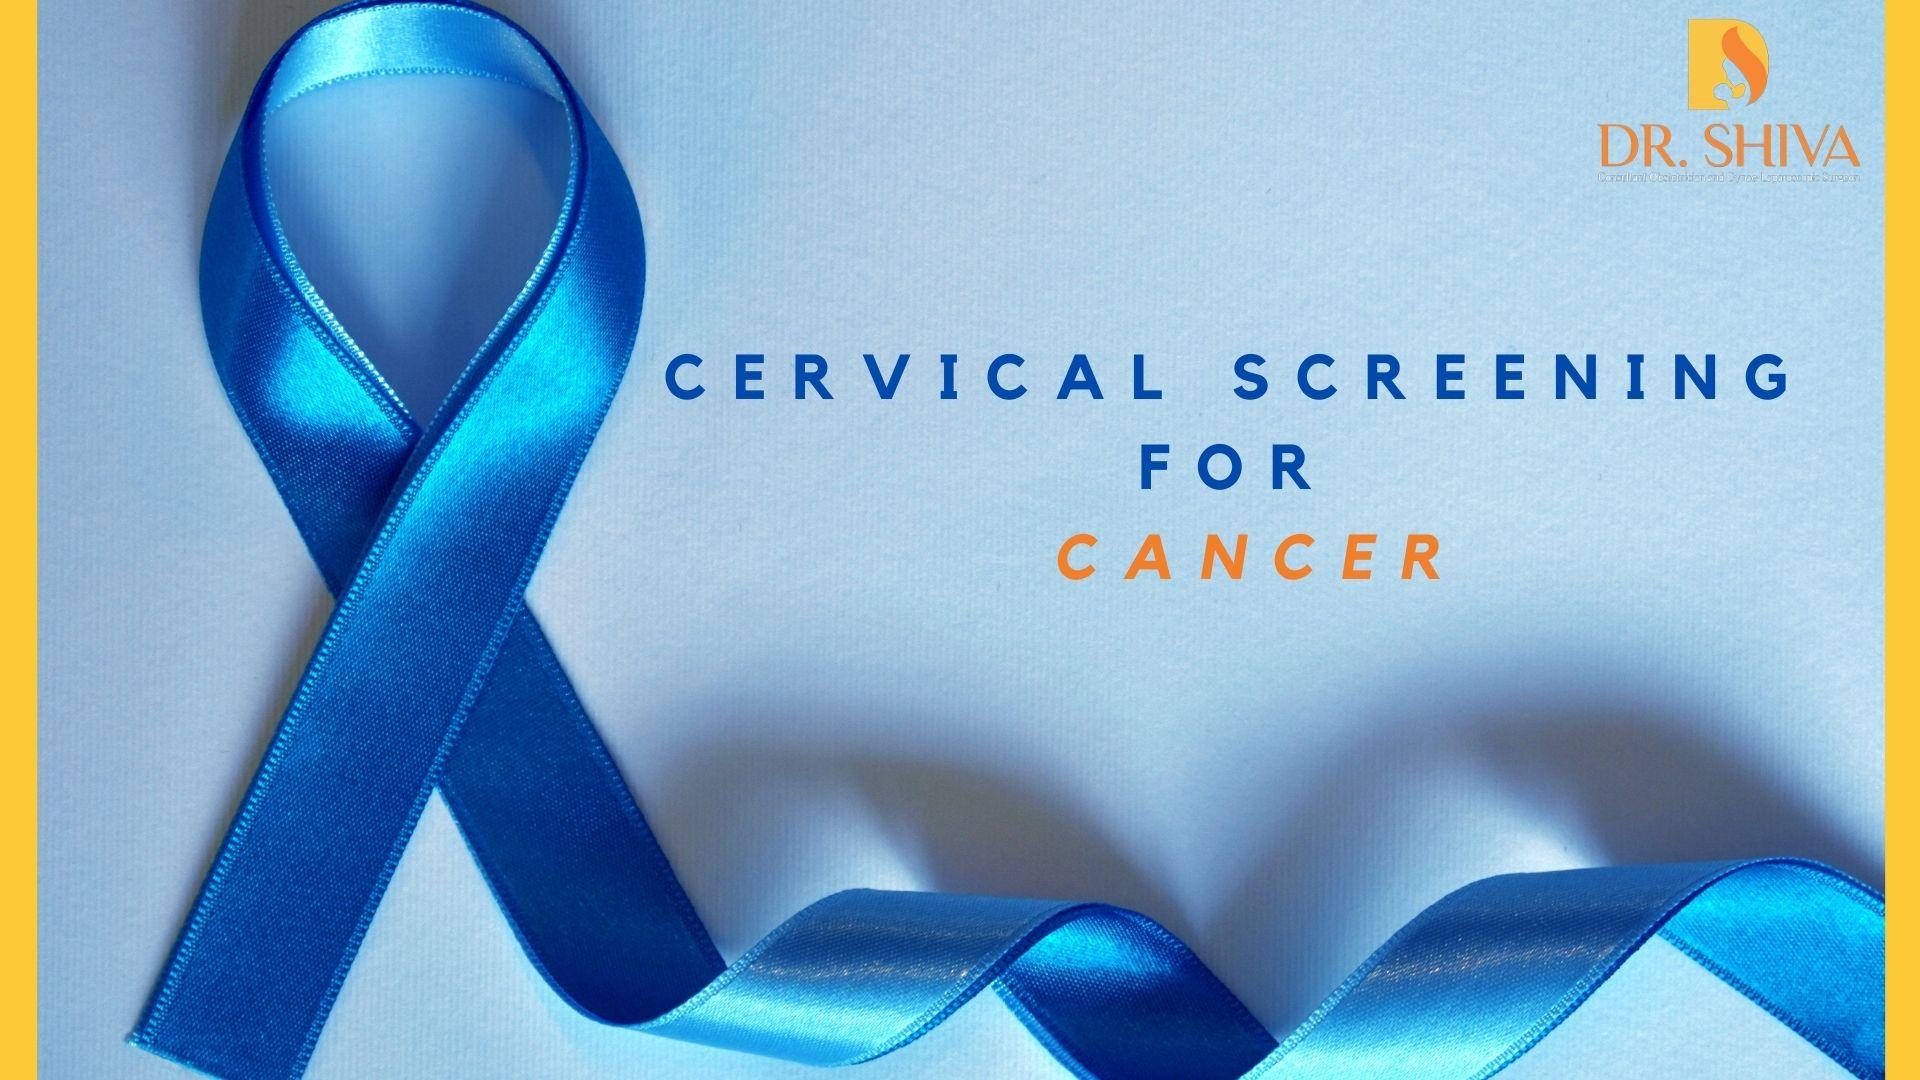 Cervical Screening for Cancer